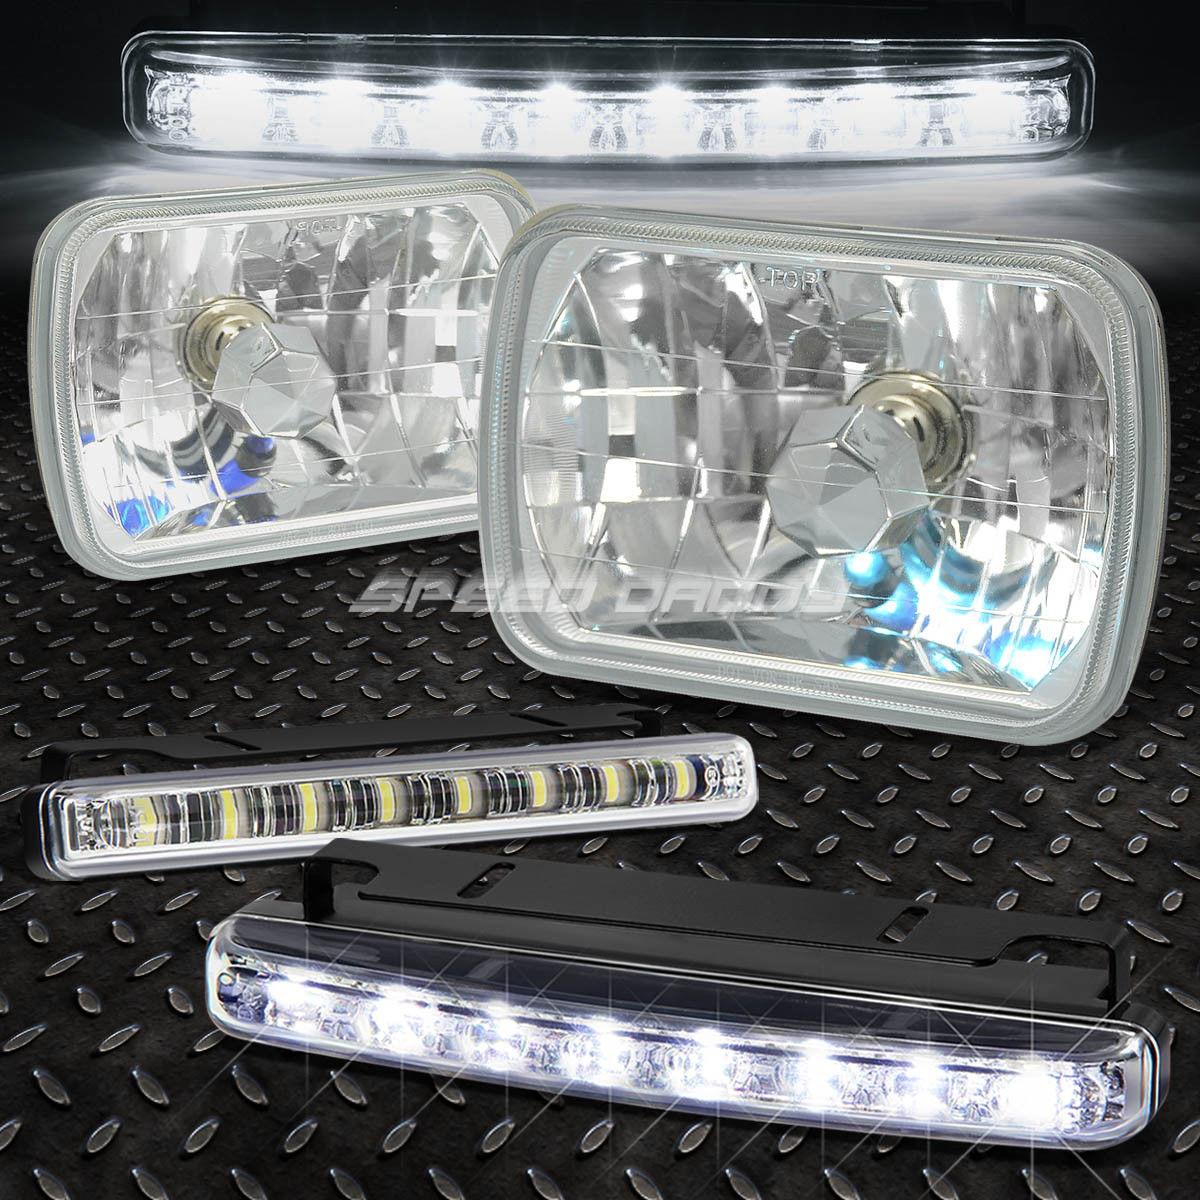 フォグライト 7x6 H6014 DIAMOND CUT SQUARE CHROME CRYSTAL SEMI-SEALED HEAD LIGHT+BULB+LED FOG 7x6 H6014ダイヤモンドカットスクエアクロームクリスタル半密閉ヘッドライト+ BULB + LED FOG